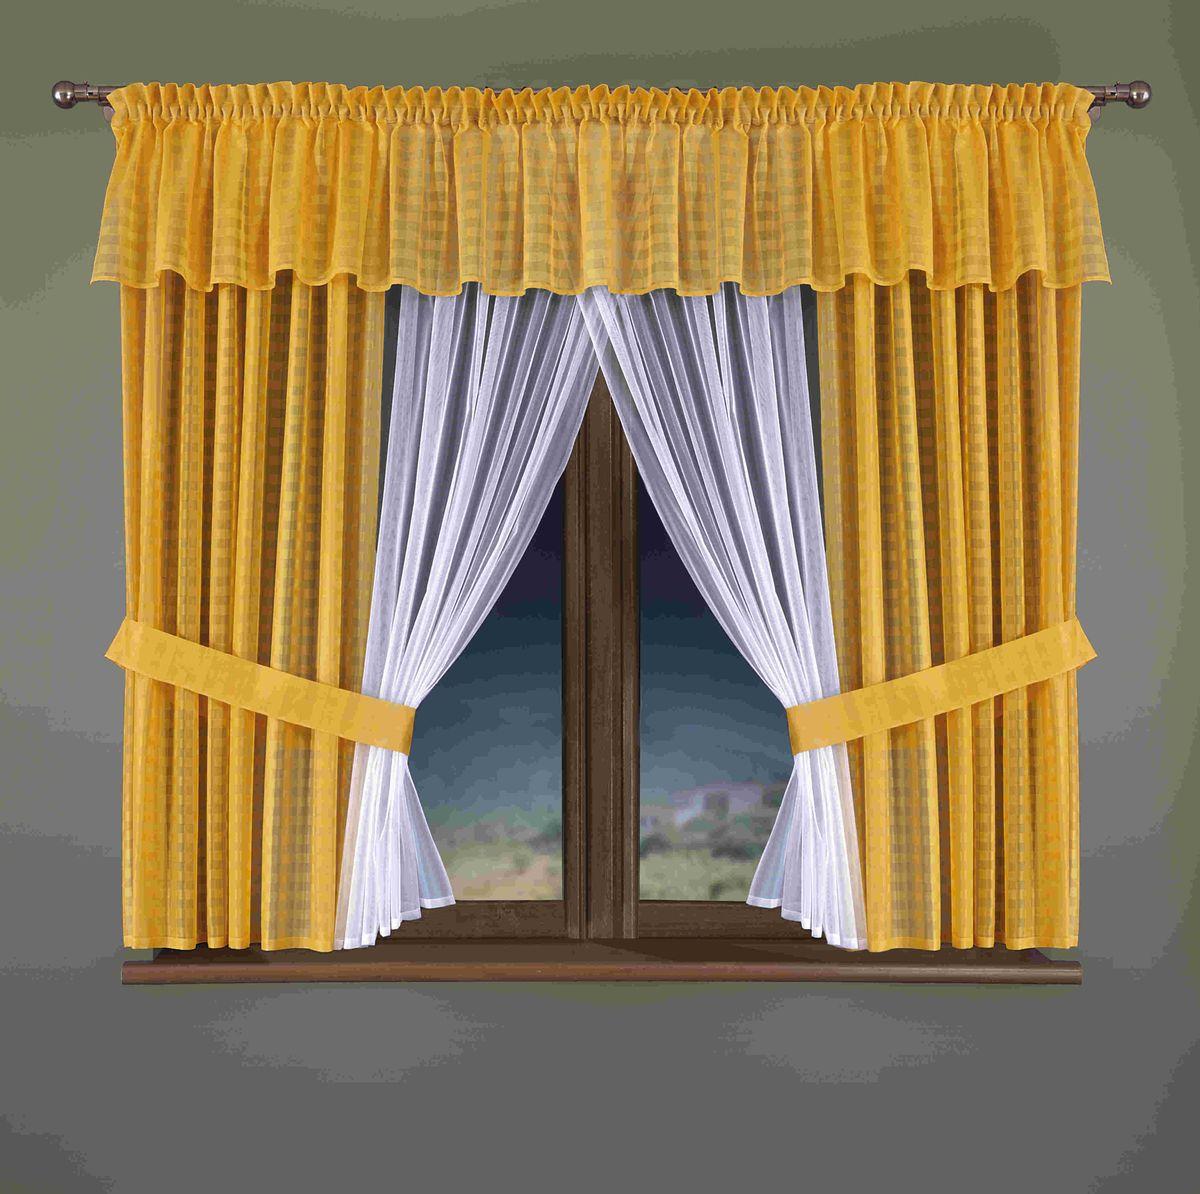 Комплект штор для кухни Wisan Sindi, цвет: белый, желтый, высота 170 смSVC-300Комплект штор Wisan Sindi выполненный из полиэстера, великолепно украсит кухонное окно. Тонкое плетение, оригинальный дизайн привлекут к себе внимание и органично впишутся в интерьер. В комплект входят 2 шторы, тюль, ламбрекен и 2 подхвата. Нежный узор придает комплекту особый стиль и шарм. Тонкое плетение, нежная цветовая гамма и роскошное исполнение - все это делает шторы Wisan Sindi замечательным дополнением интерьера помещения. Комплект оснащен шторной лентой для красивой сборки. В комплект входит: Штора - 2 шт. Размер (ШхВ): 150 см х 170 см. Тюль - 1 шт. Размер (ШхВ): 150 см х 170 см. Ламбрекен - 1 шь. Размер (ШхВ): 400 см х 40 см. Подхват - 2 шт.Фирма Wisan на польском рынке существует уже более пятидесяти лет и является одной из лучших польских фабрик по производству штор и тканей. Ассортимент фирмы представлен готовыми комплектами штор для гостиной, детской, кухни, а также текстилем для кухни (скатерти, салфетки, дорожки, кухонные занавески). Модельный ряд отличает оригинальный дизайн, высокое качество. Ассортимент продукции постоянно пополняется.